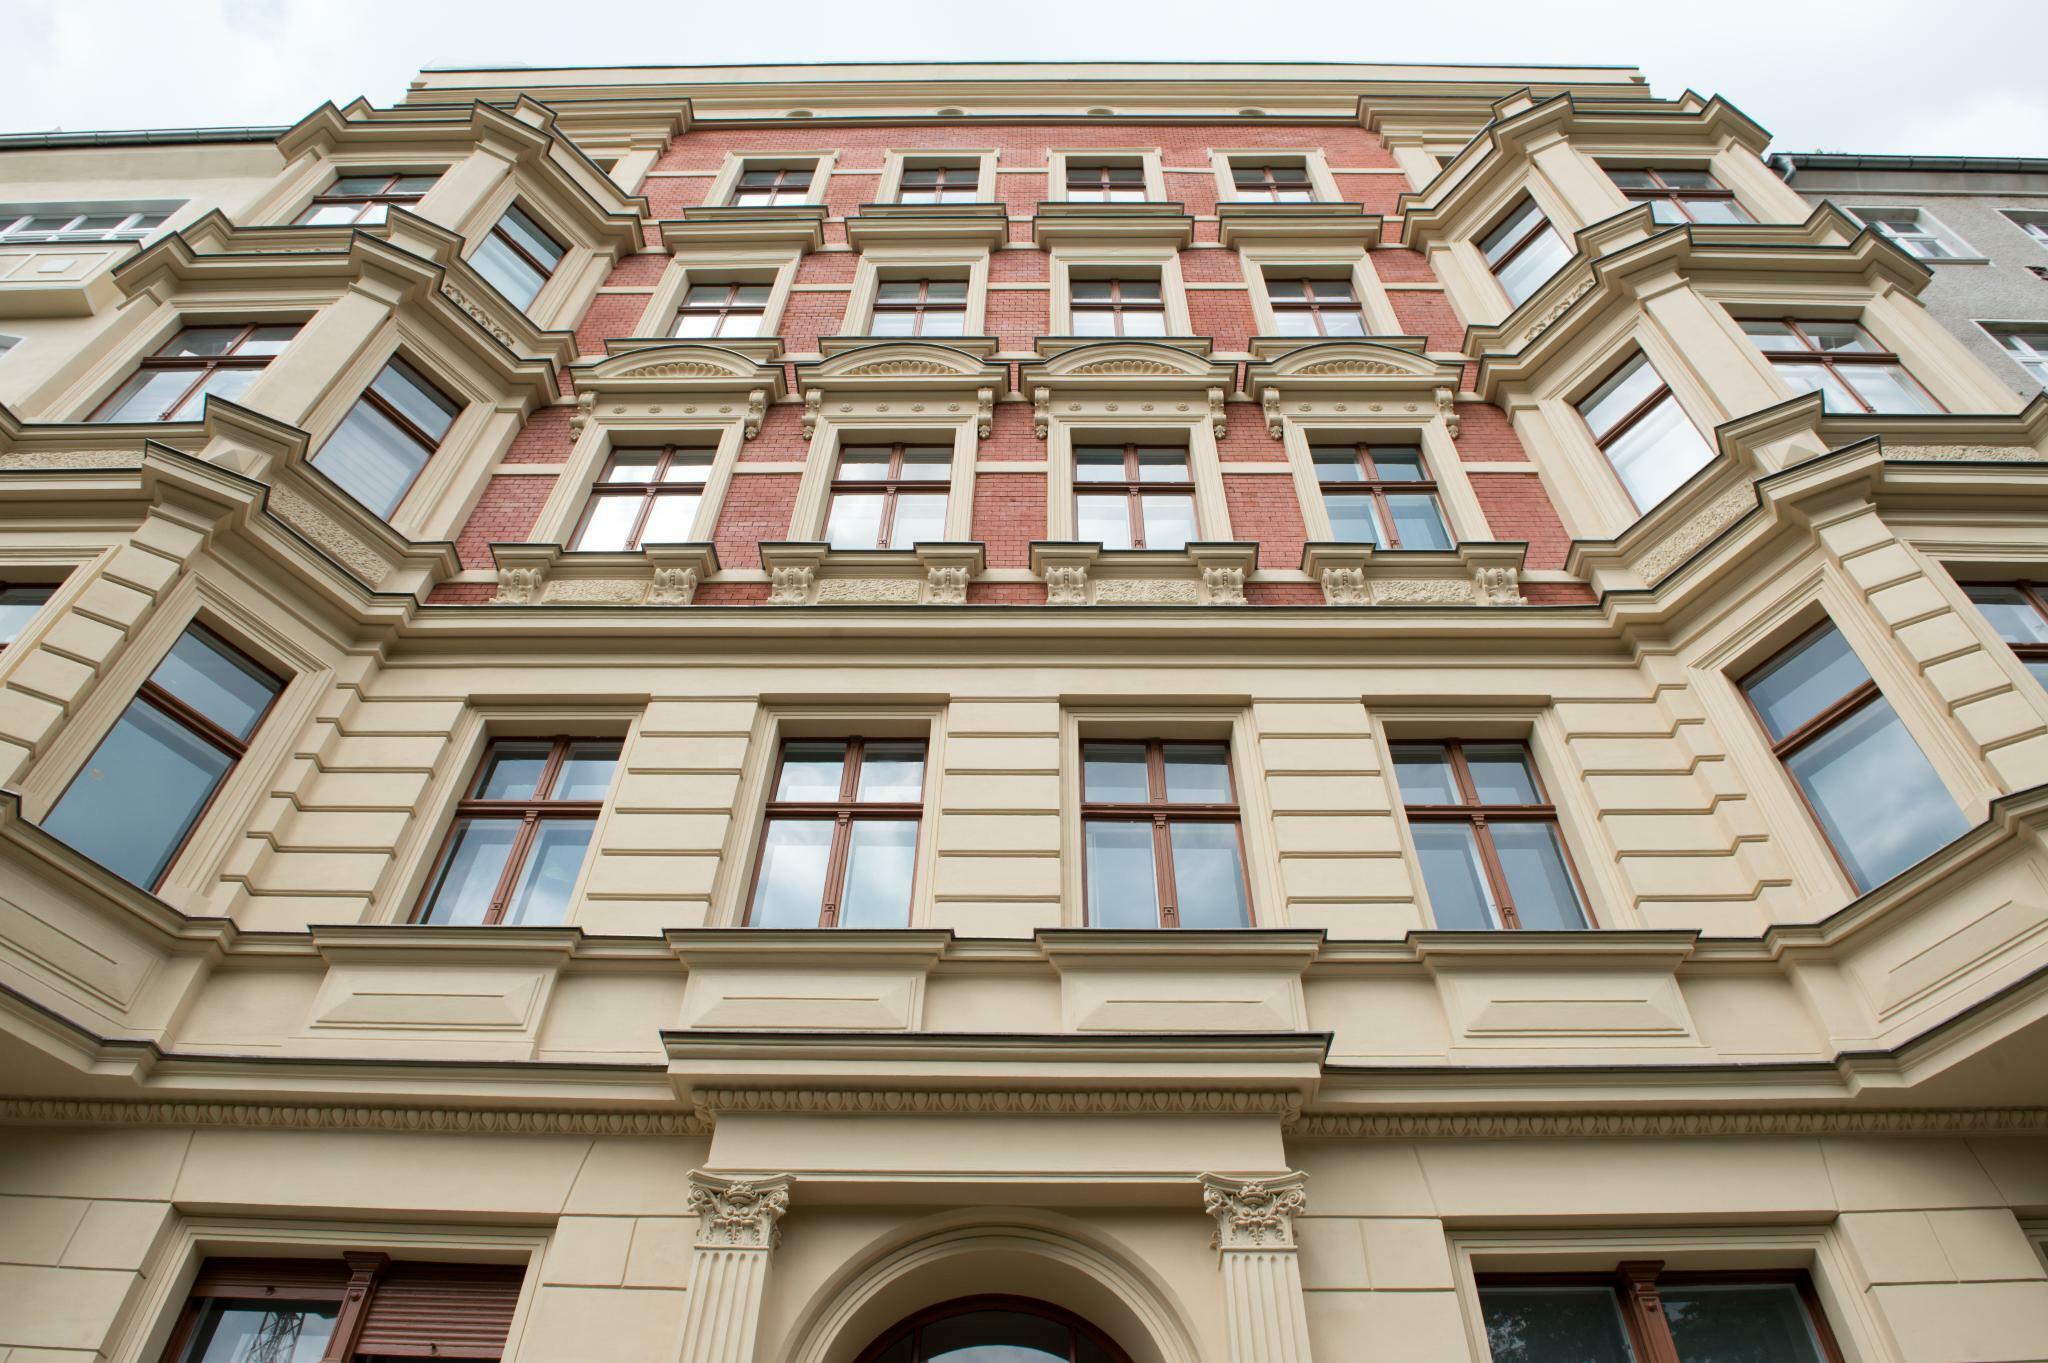 Immobilien: Gesetz gegen Geldwäsche wird verschärft